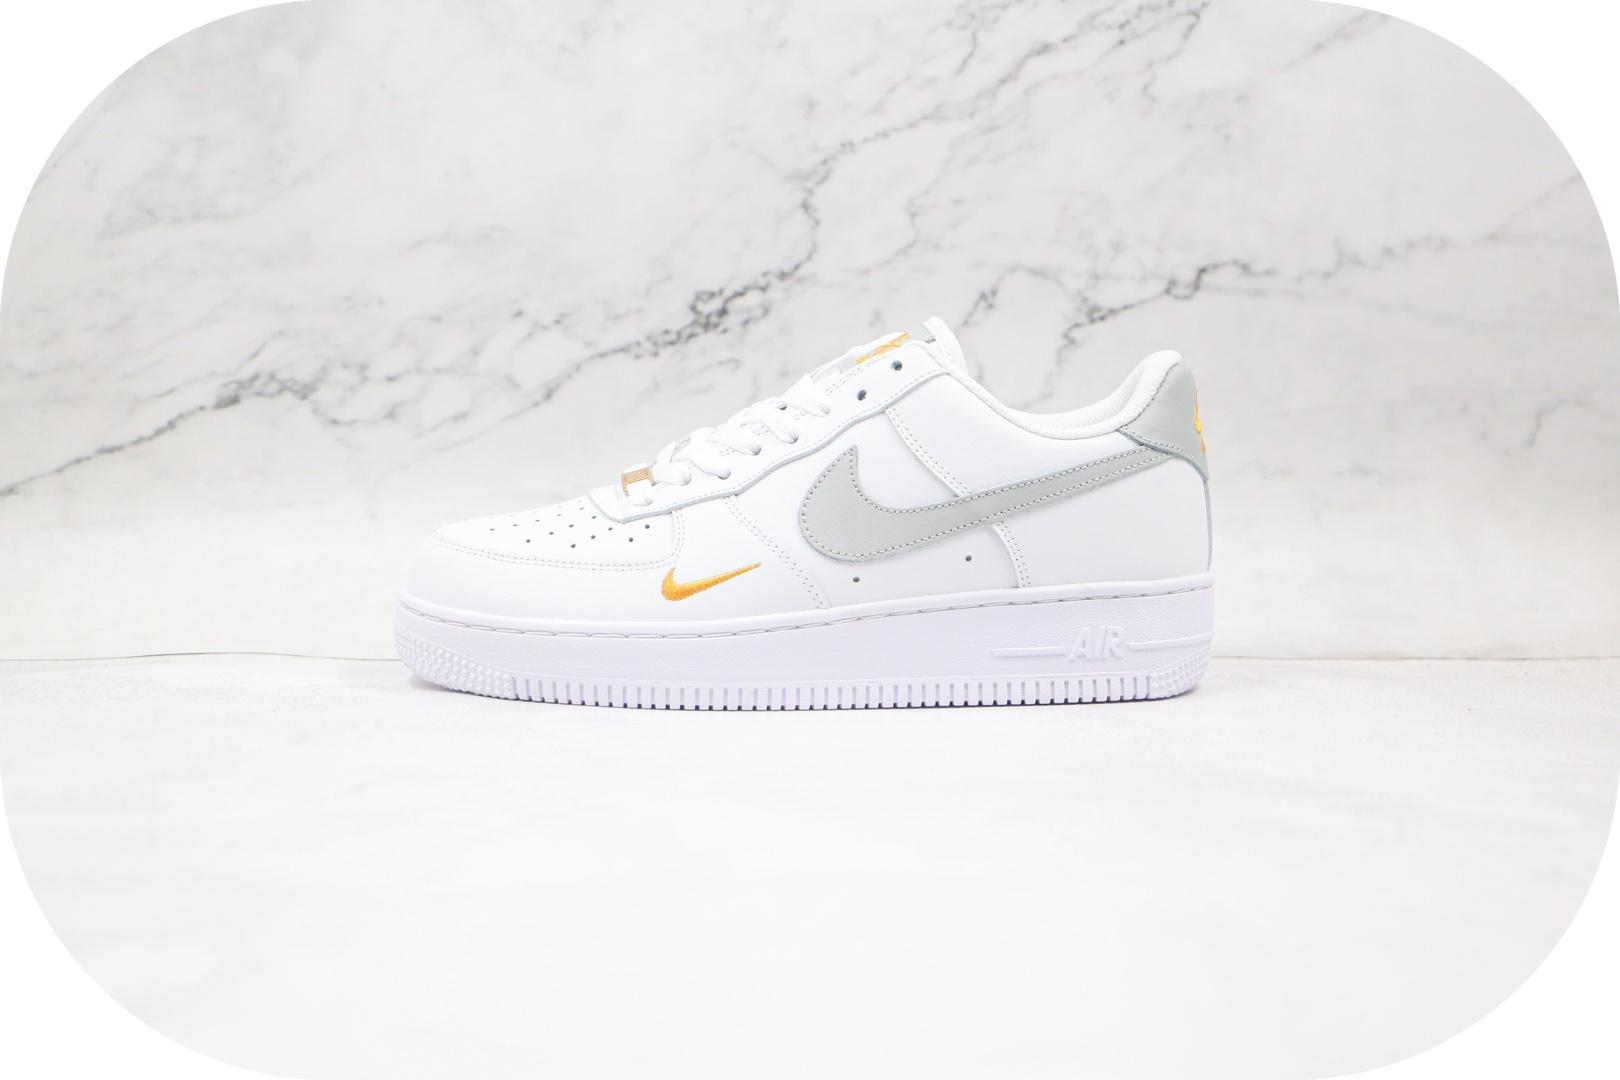 耐克Nike AIR FMRCE 1纯原版本低帮空军一号白灰黄色双钩板鞋内置气垫 货号:CZ0270-106